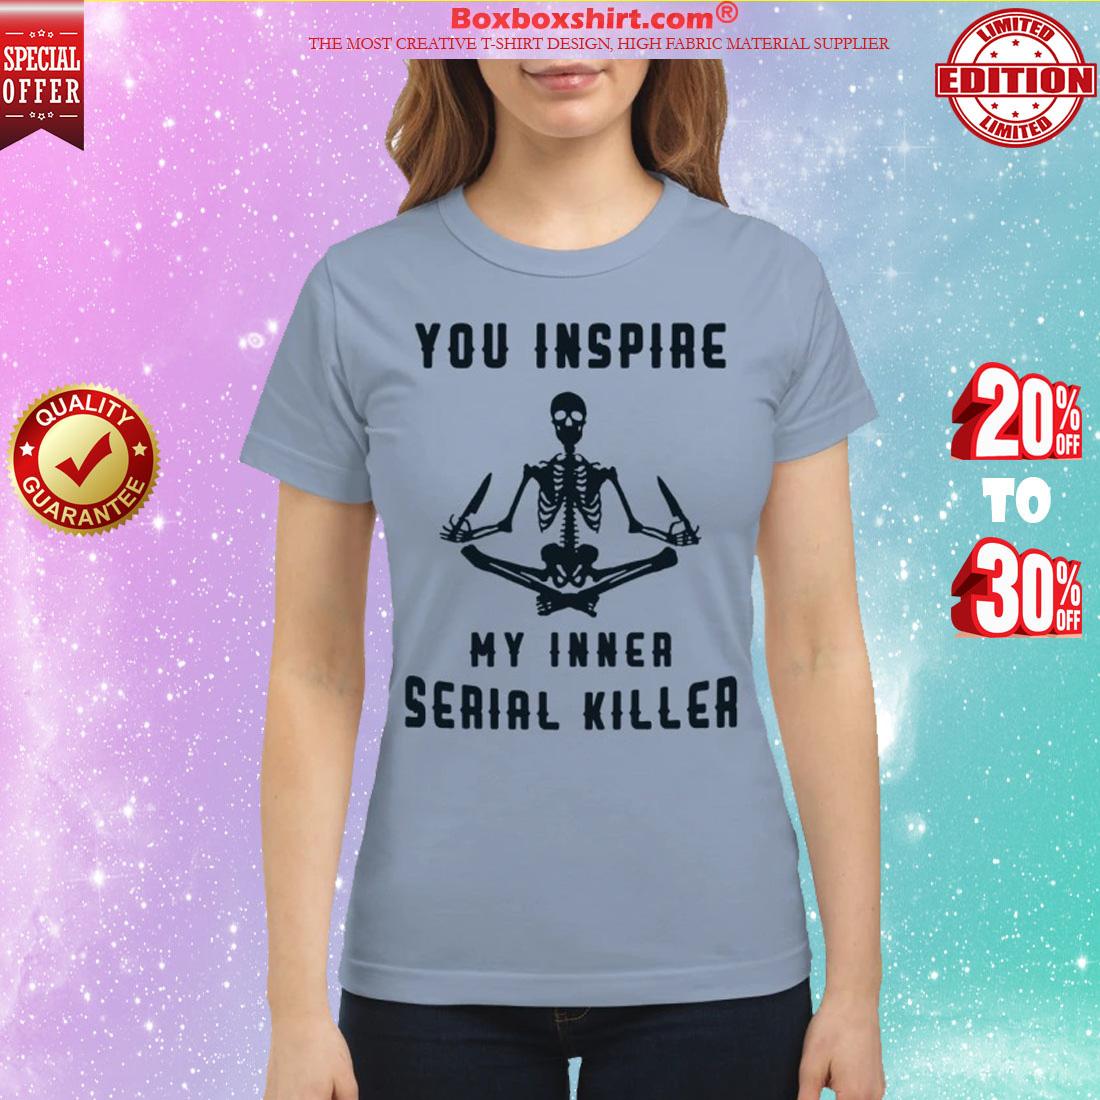 Skeleton you inspire my inner serial killer classic shirt